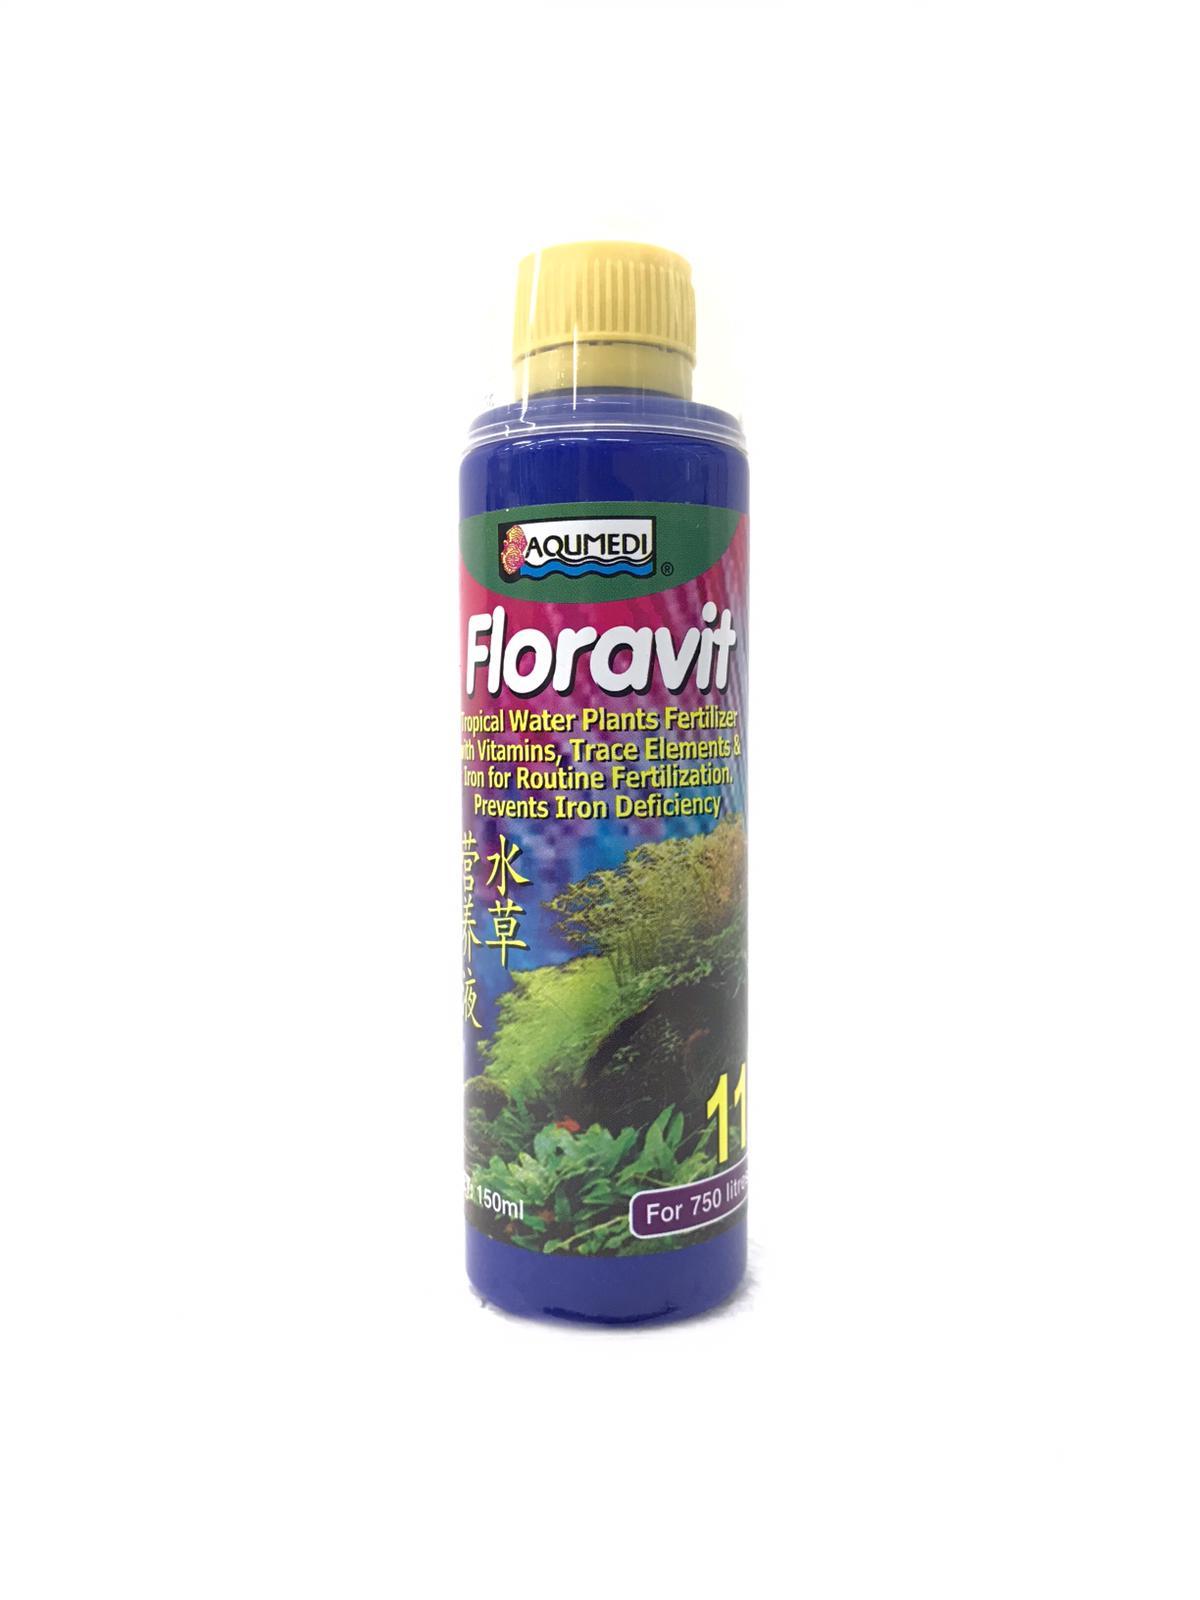 Aqumedi Floravit